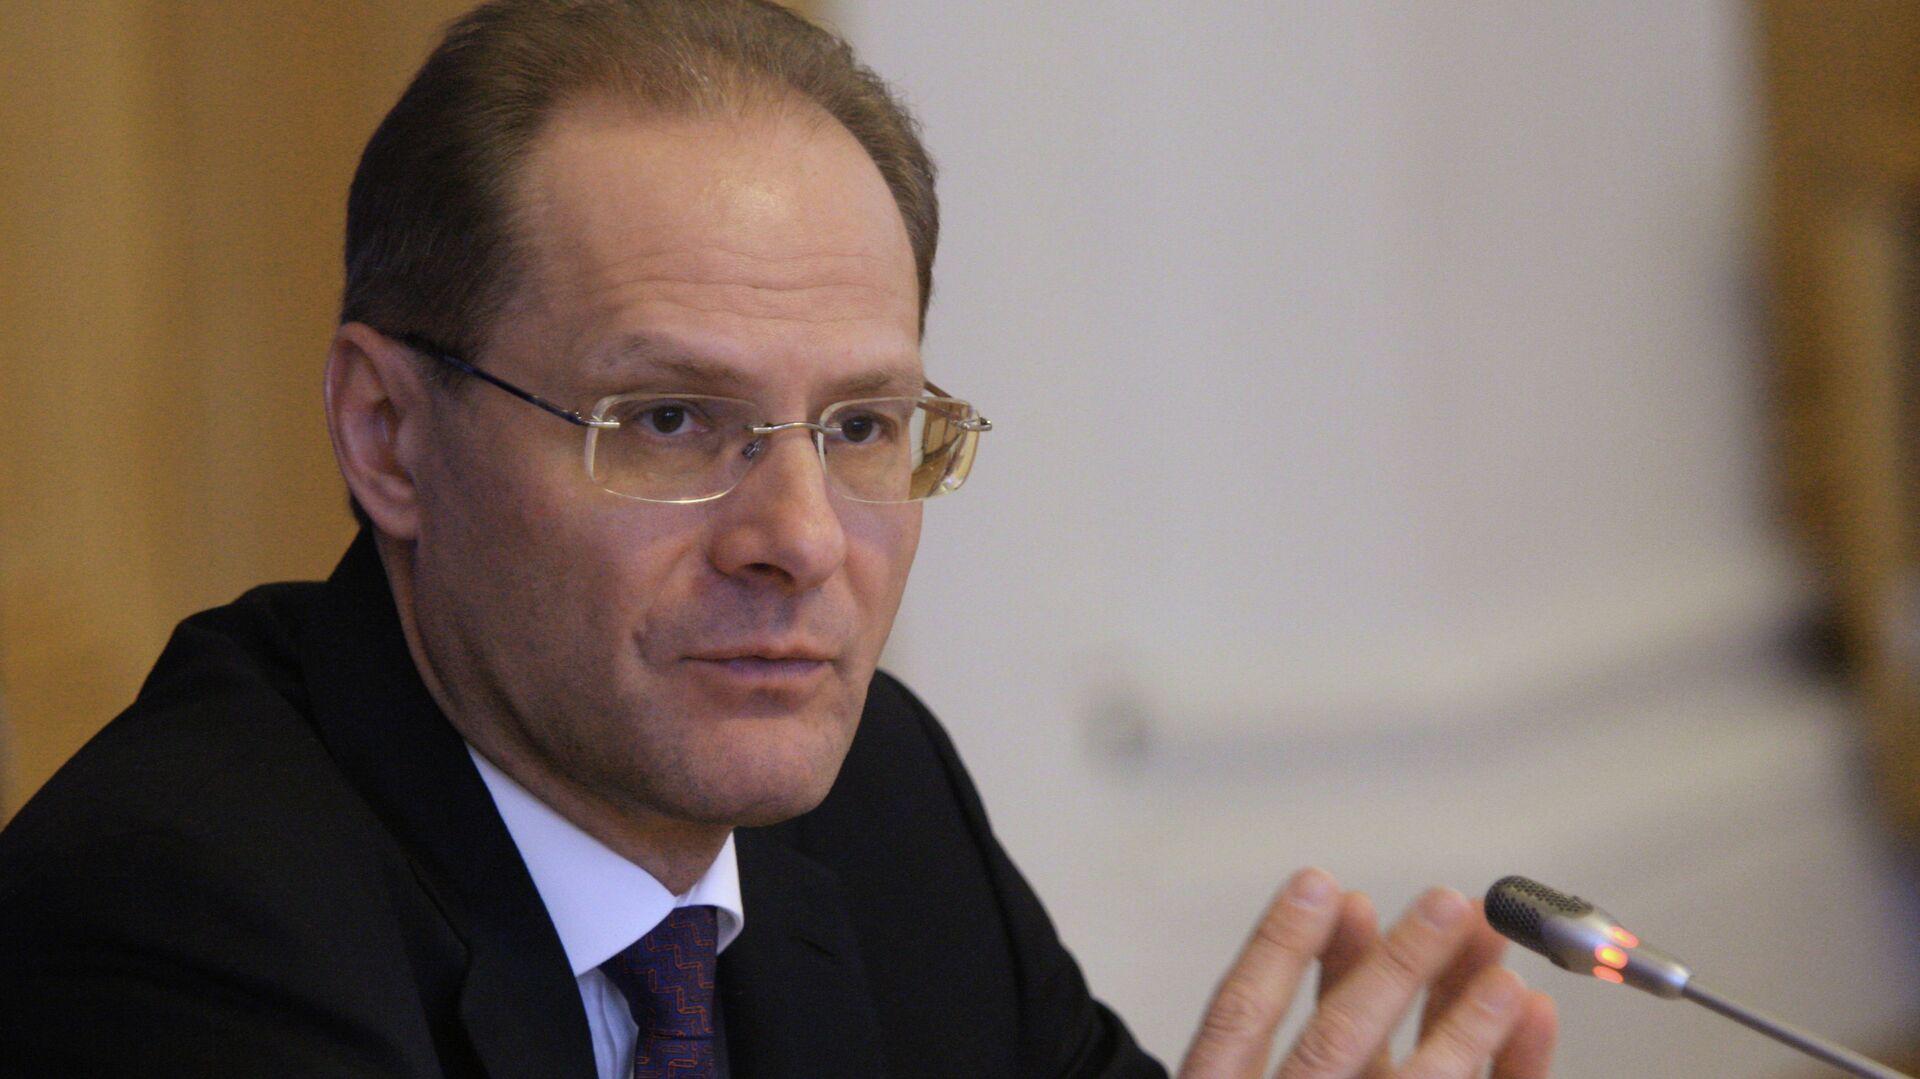 Суд отменил решение о компенсации новосибирскому экс-губернатору Юрченко